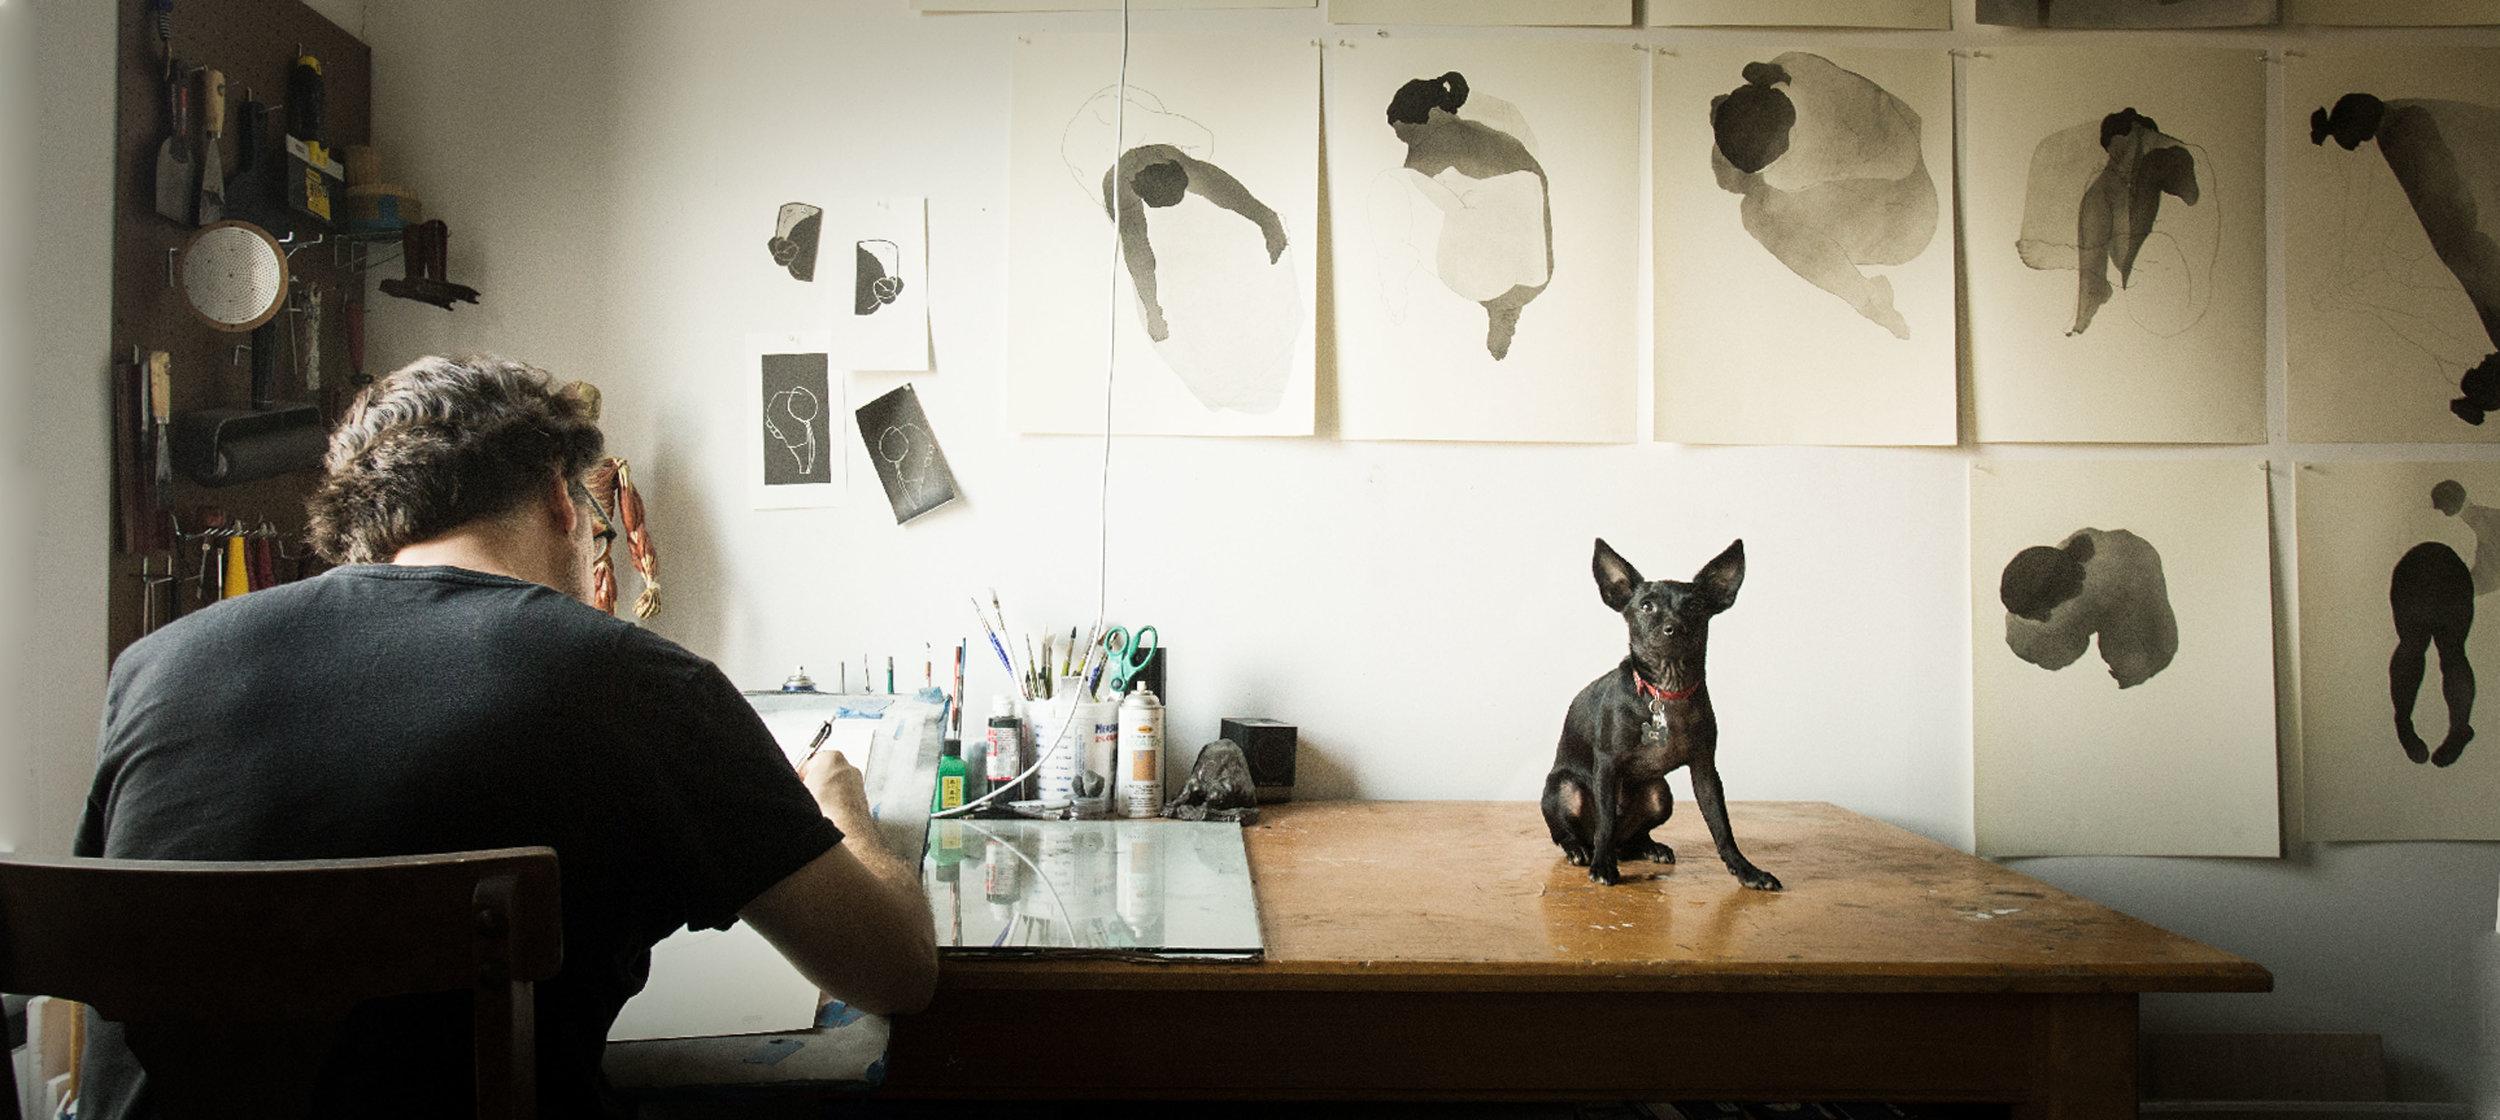 Studio, 2013.